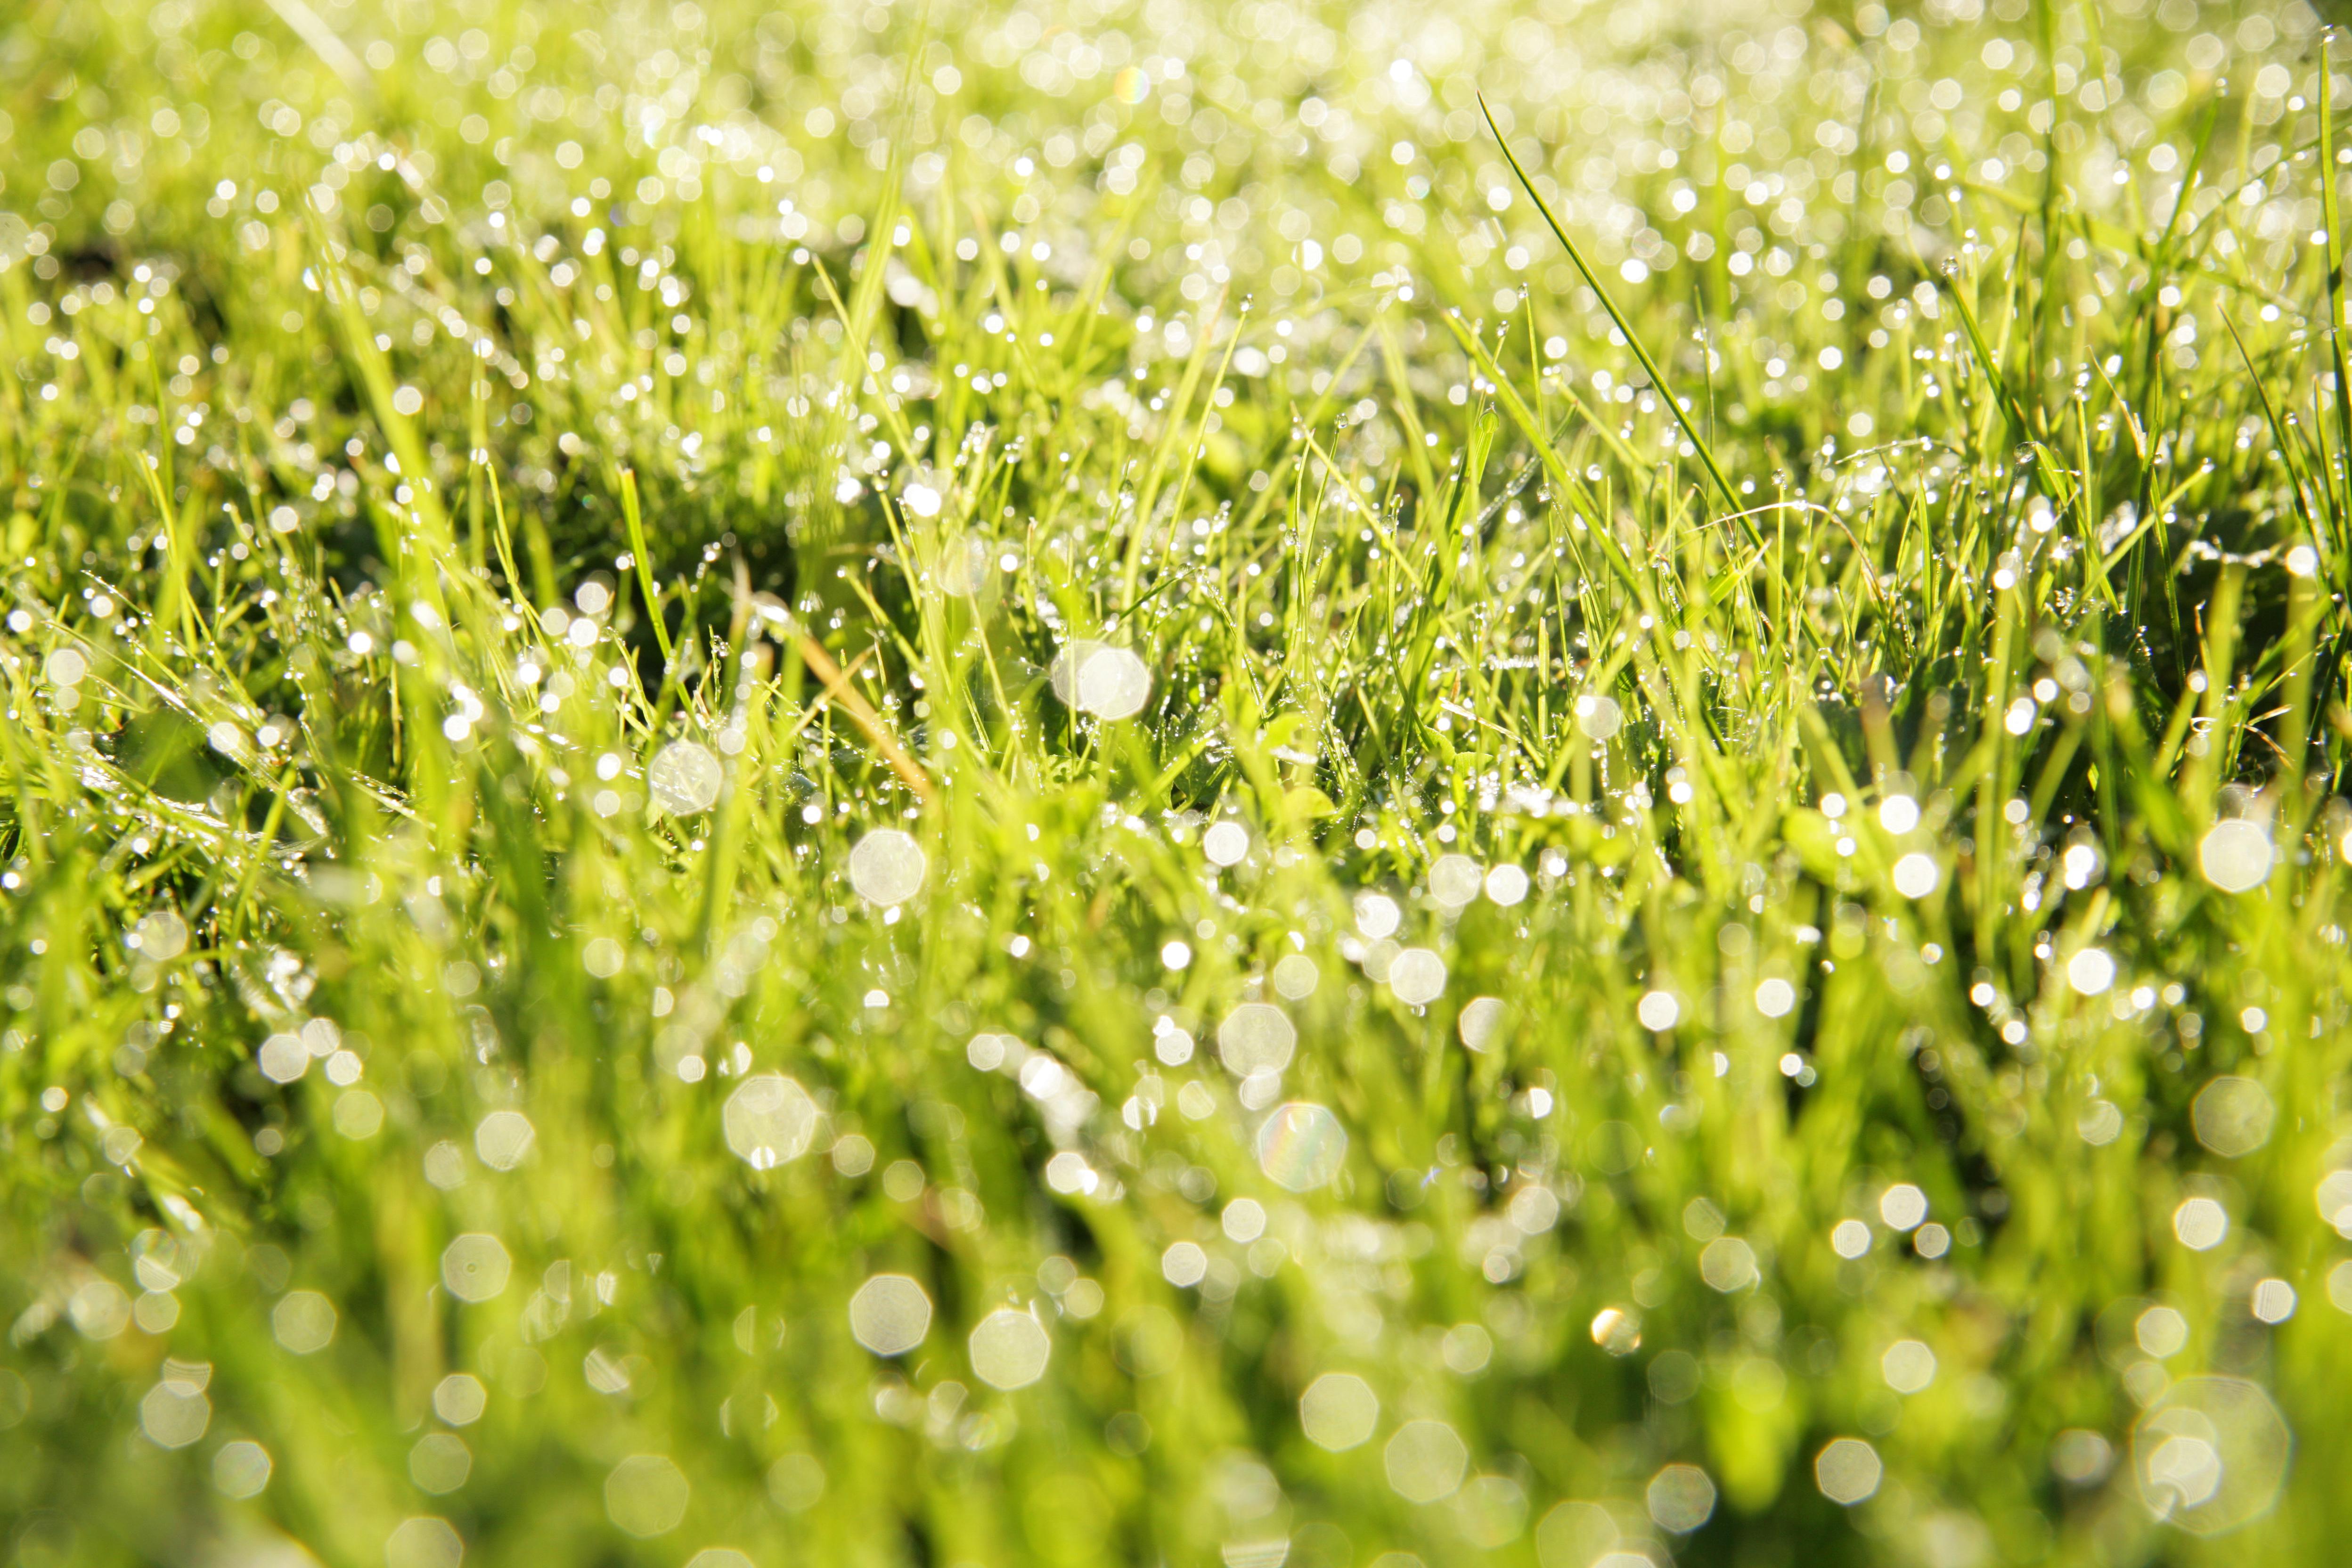 Closeup of grass in field